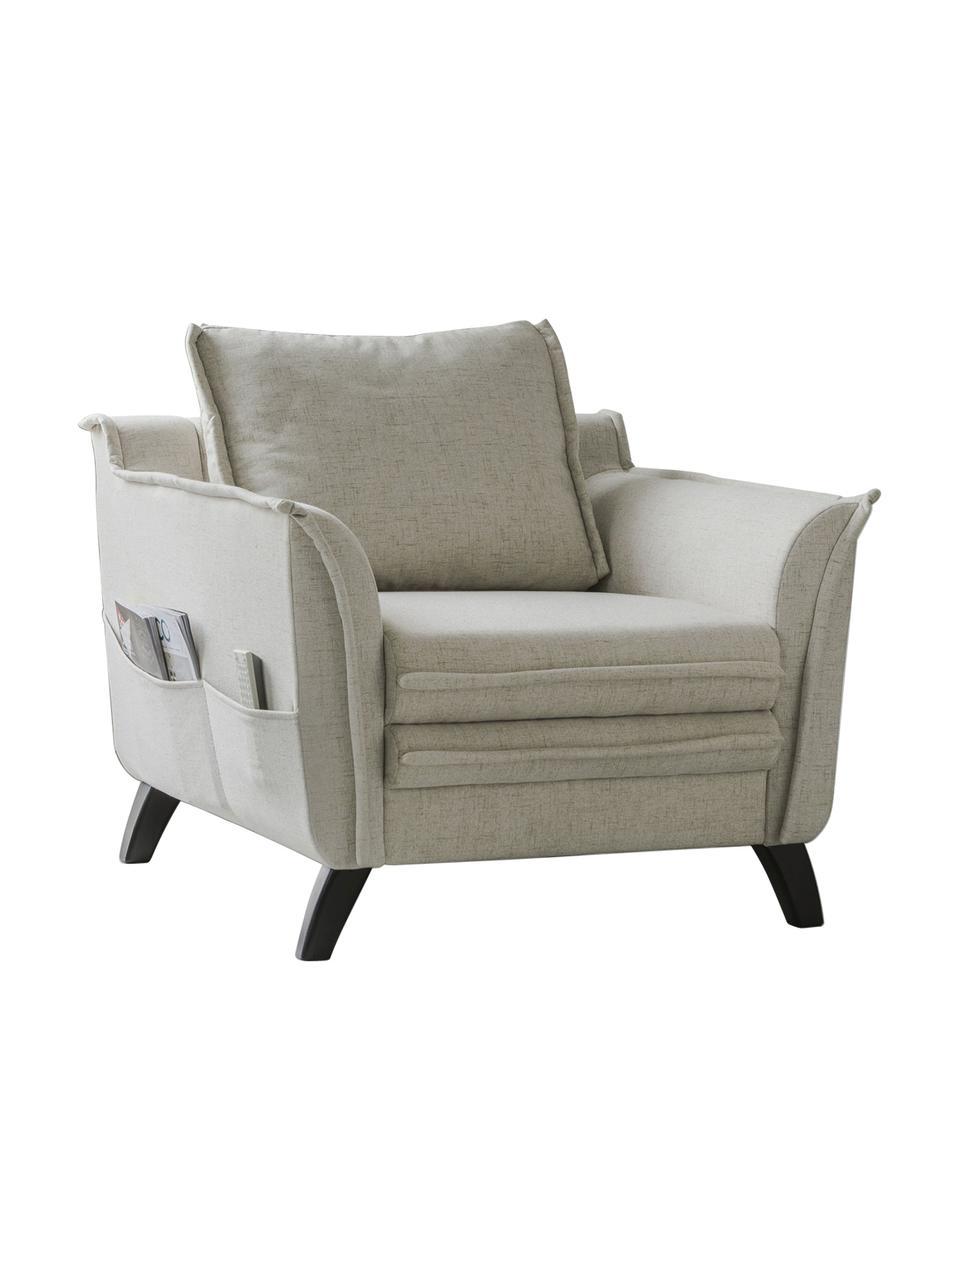 Fotel z imitacją lnu Charming Charlie, Tapicerka: 100% poliester, w dotyku , Stelaż: drewno naturalne, płyta w, Beżowy, S 85 x G 85 cm